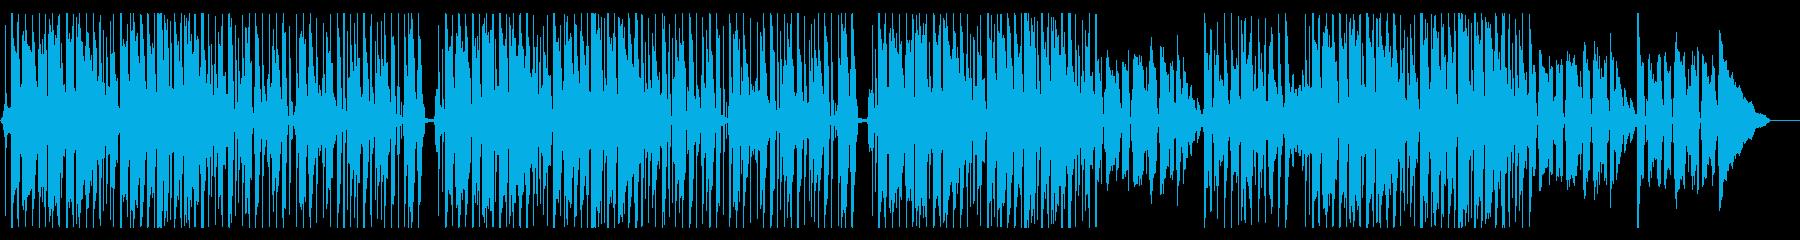 オシャレで大人な雰囲気のR&Bの再生済みの波形